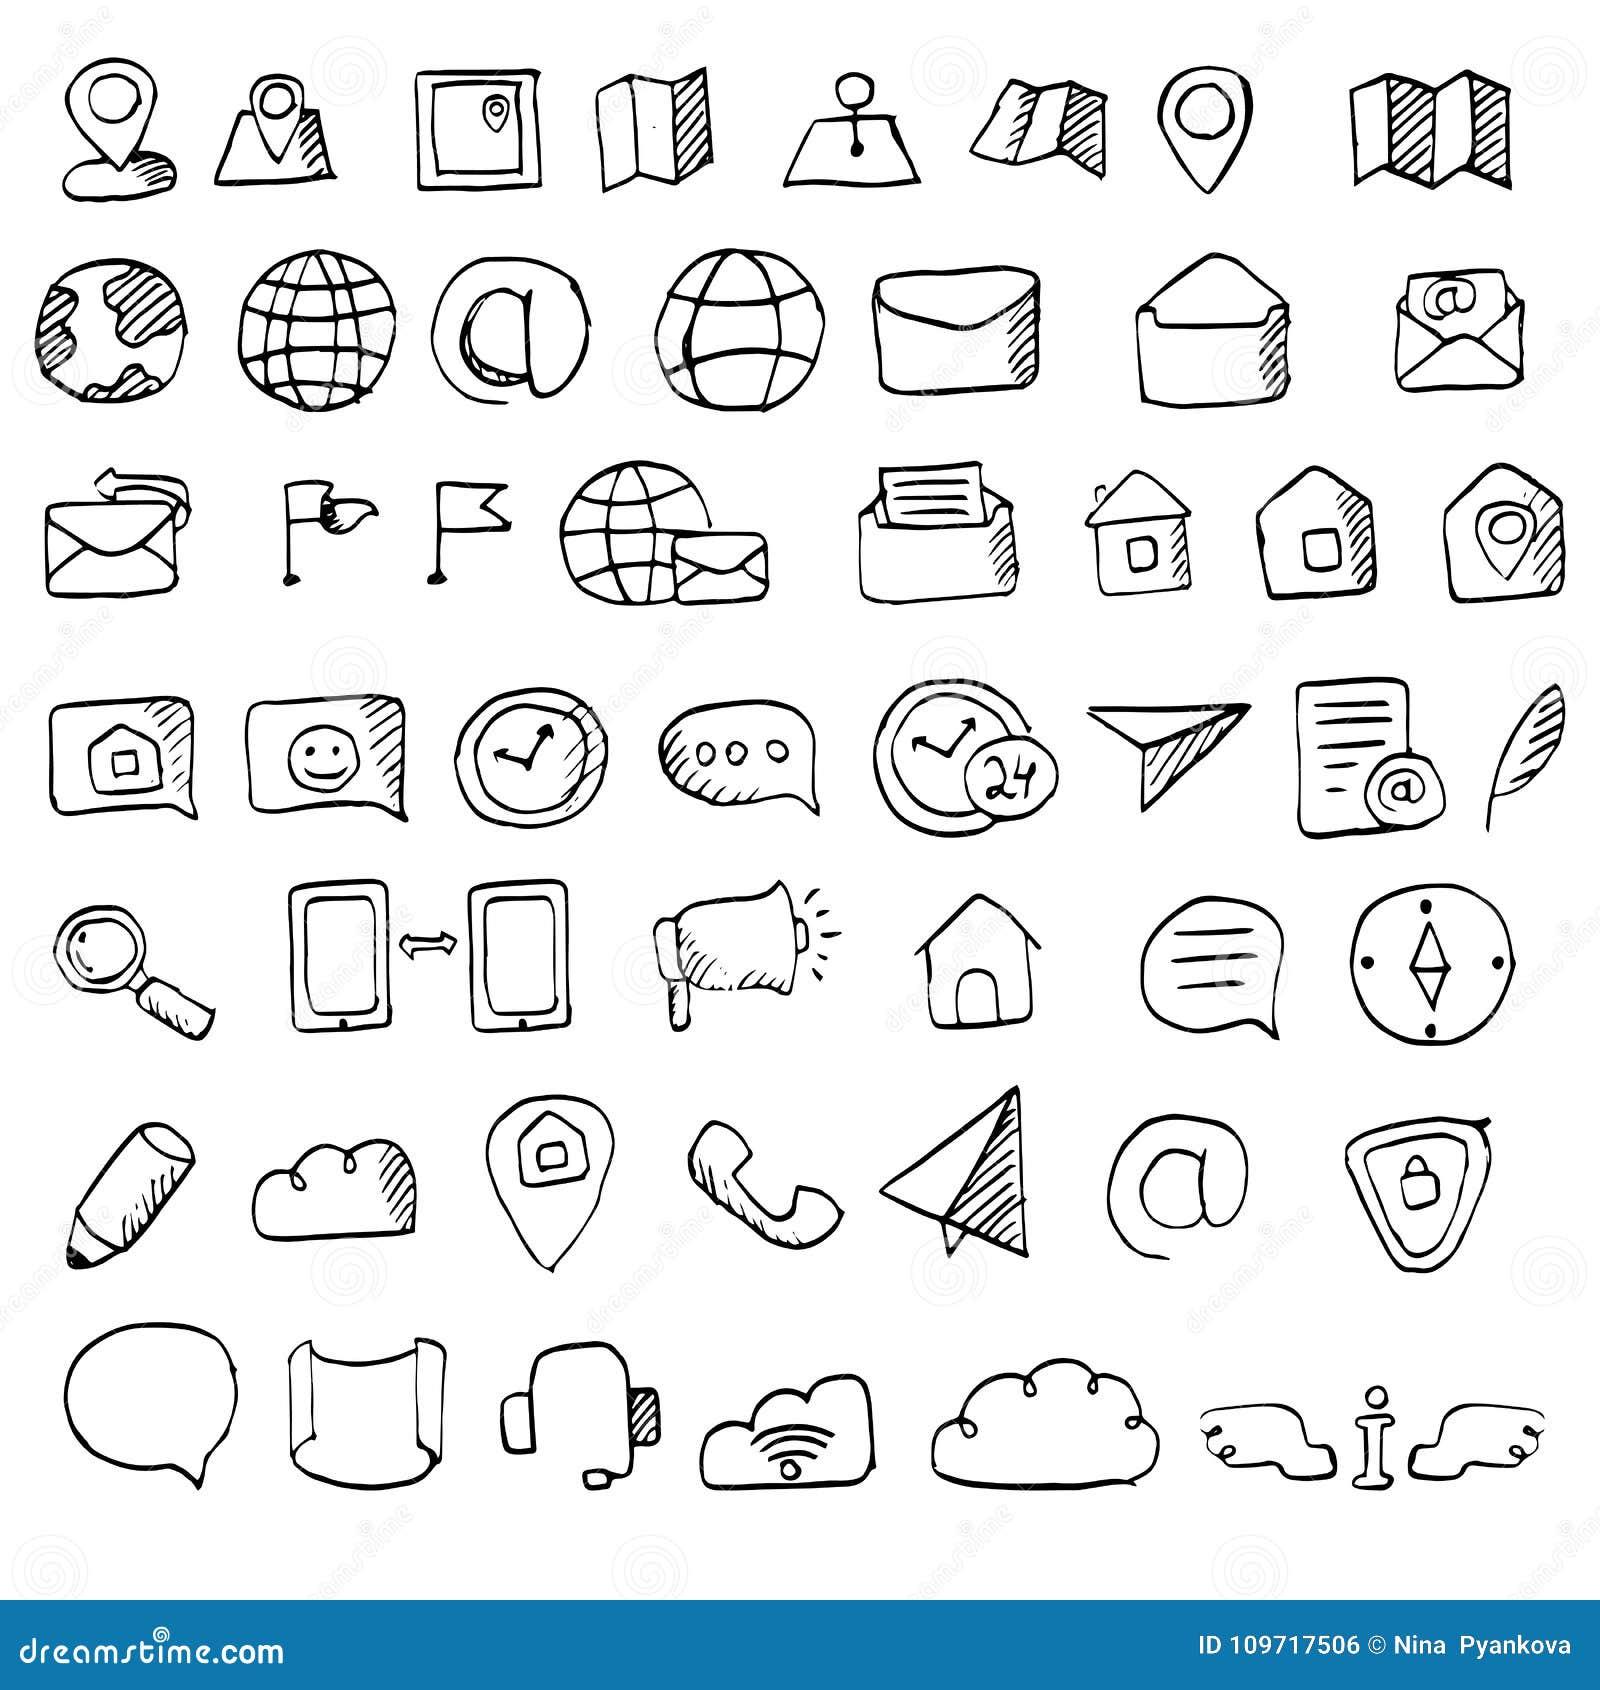 La mano dibujada entra en contacto con el sistema del icono